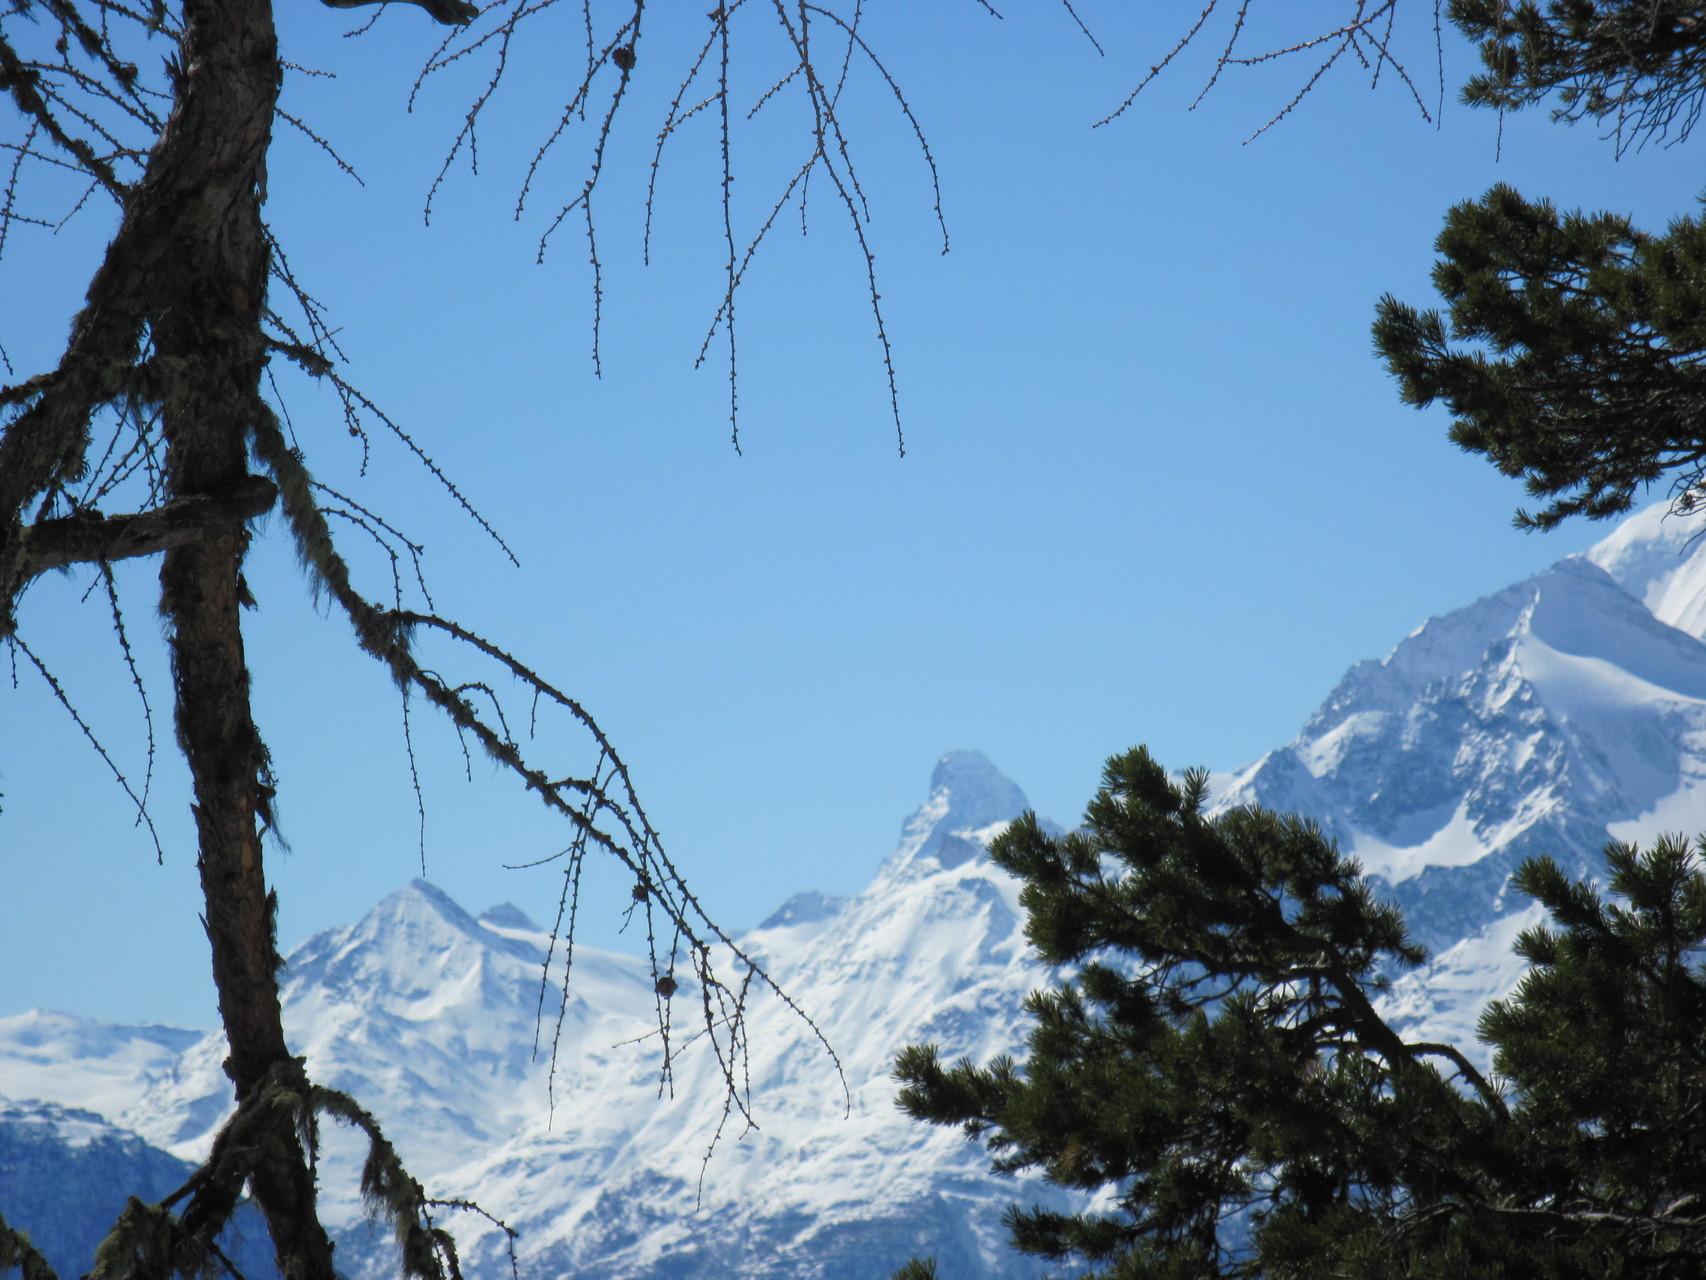 Z Horu (Matterhorn)